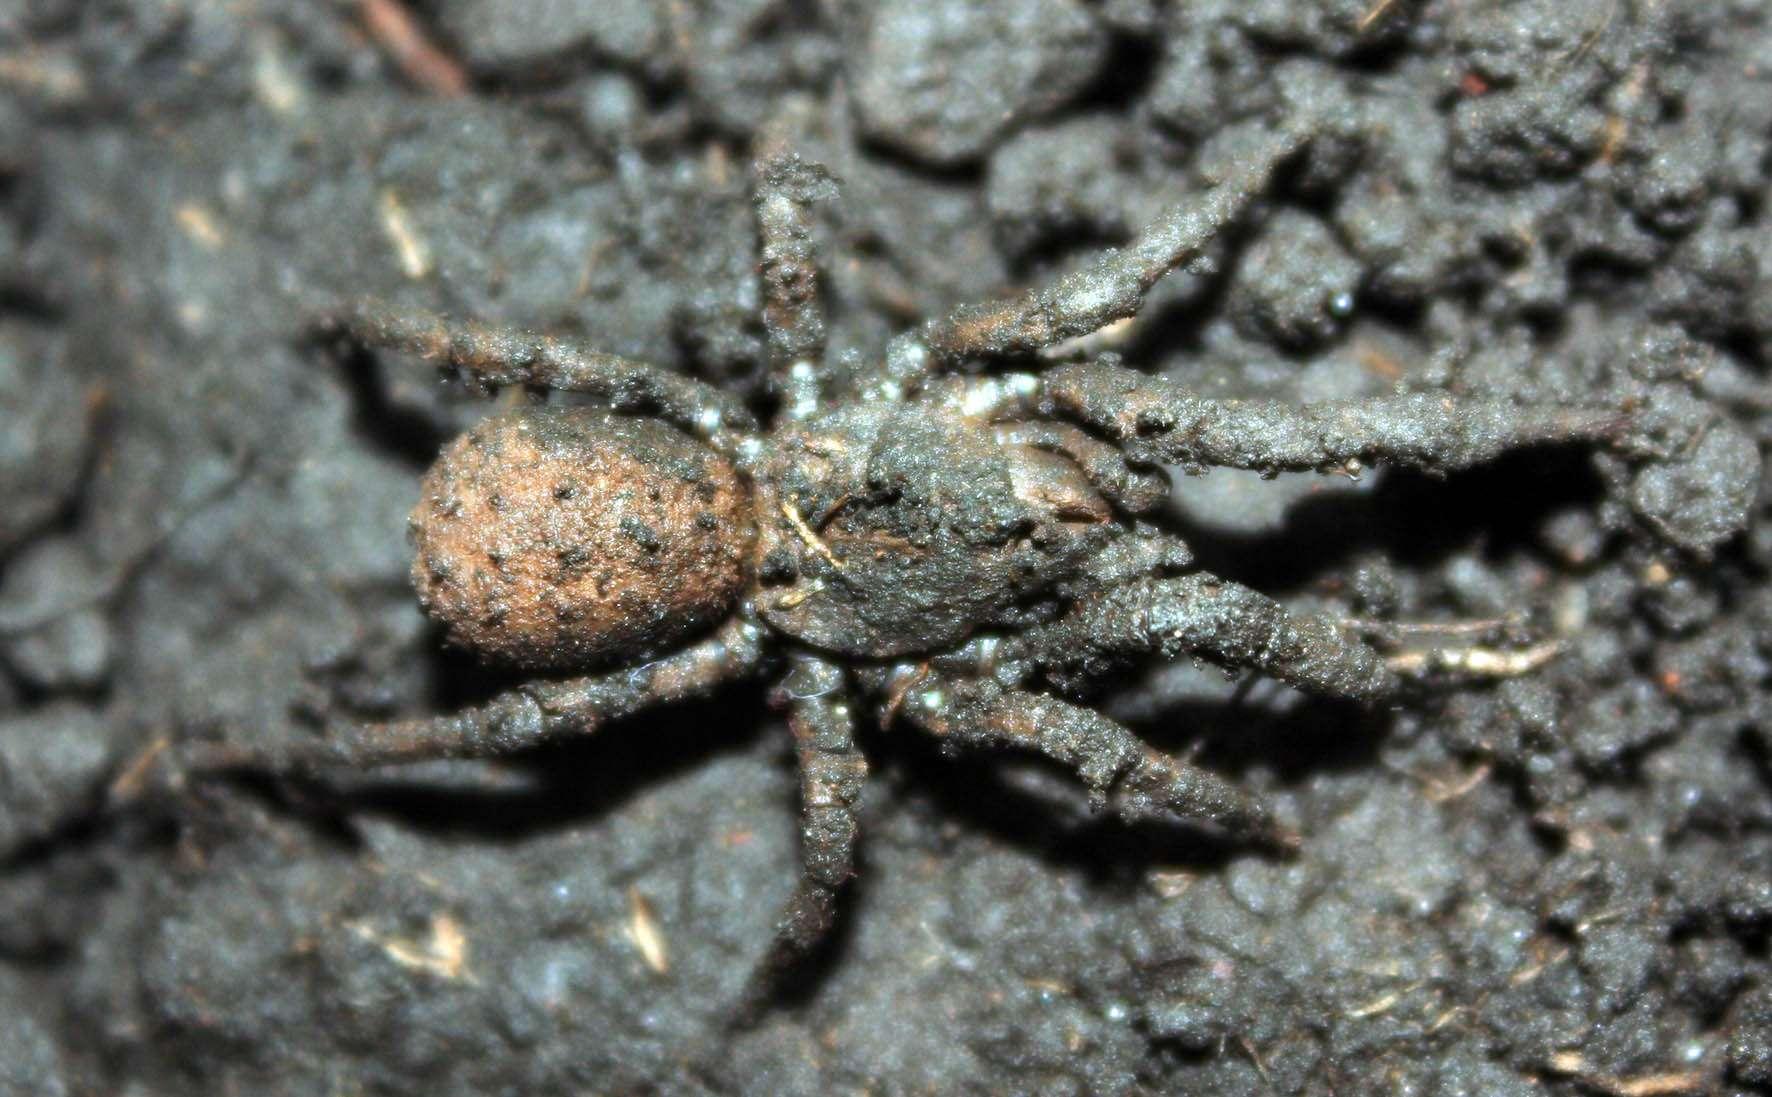 Las Paratropis tuxtlensis toman su nombre científico del sitio donde fueron localizadas, en el Área Natural Protegida de Los Tuxtlas Foto: UNAM